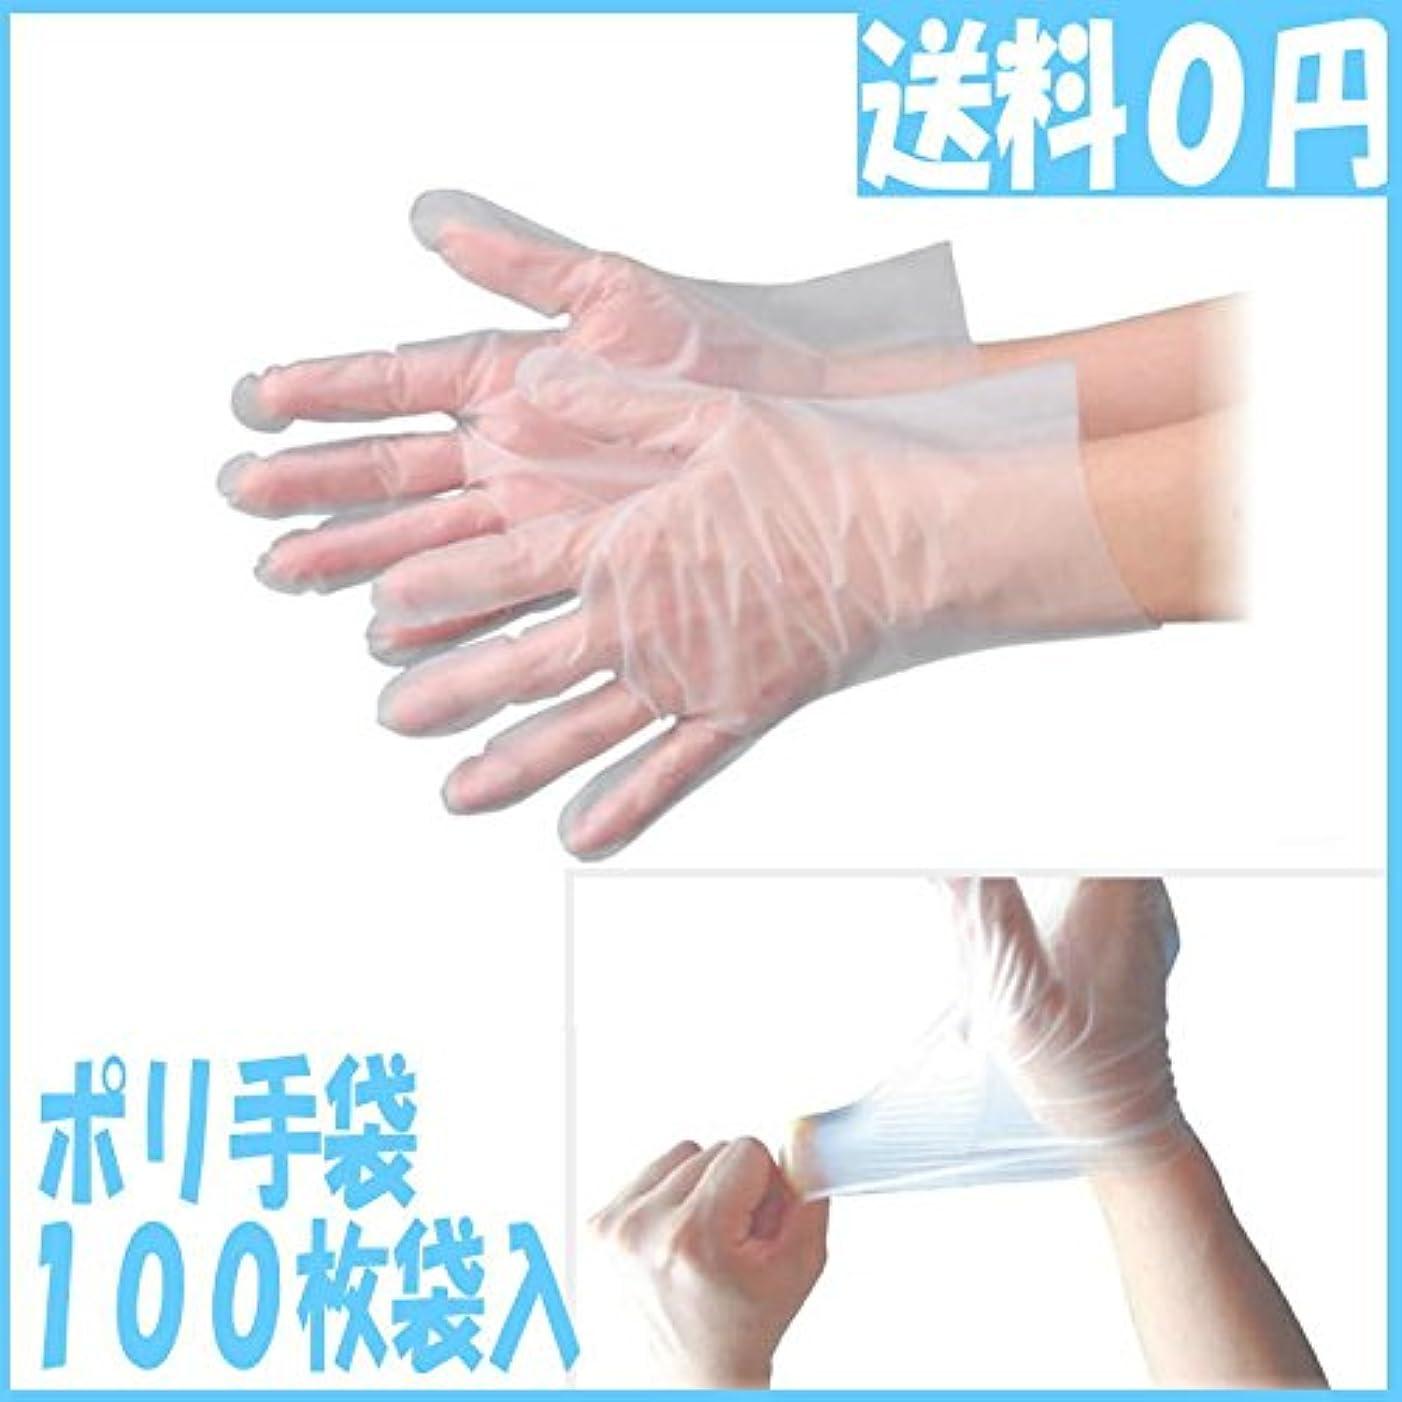 使い捨てポリエチレン手袋 100枚袋入り シルキータッチ35【ポリ手袋】 (S)